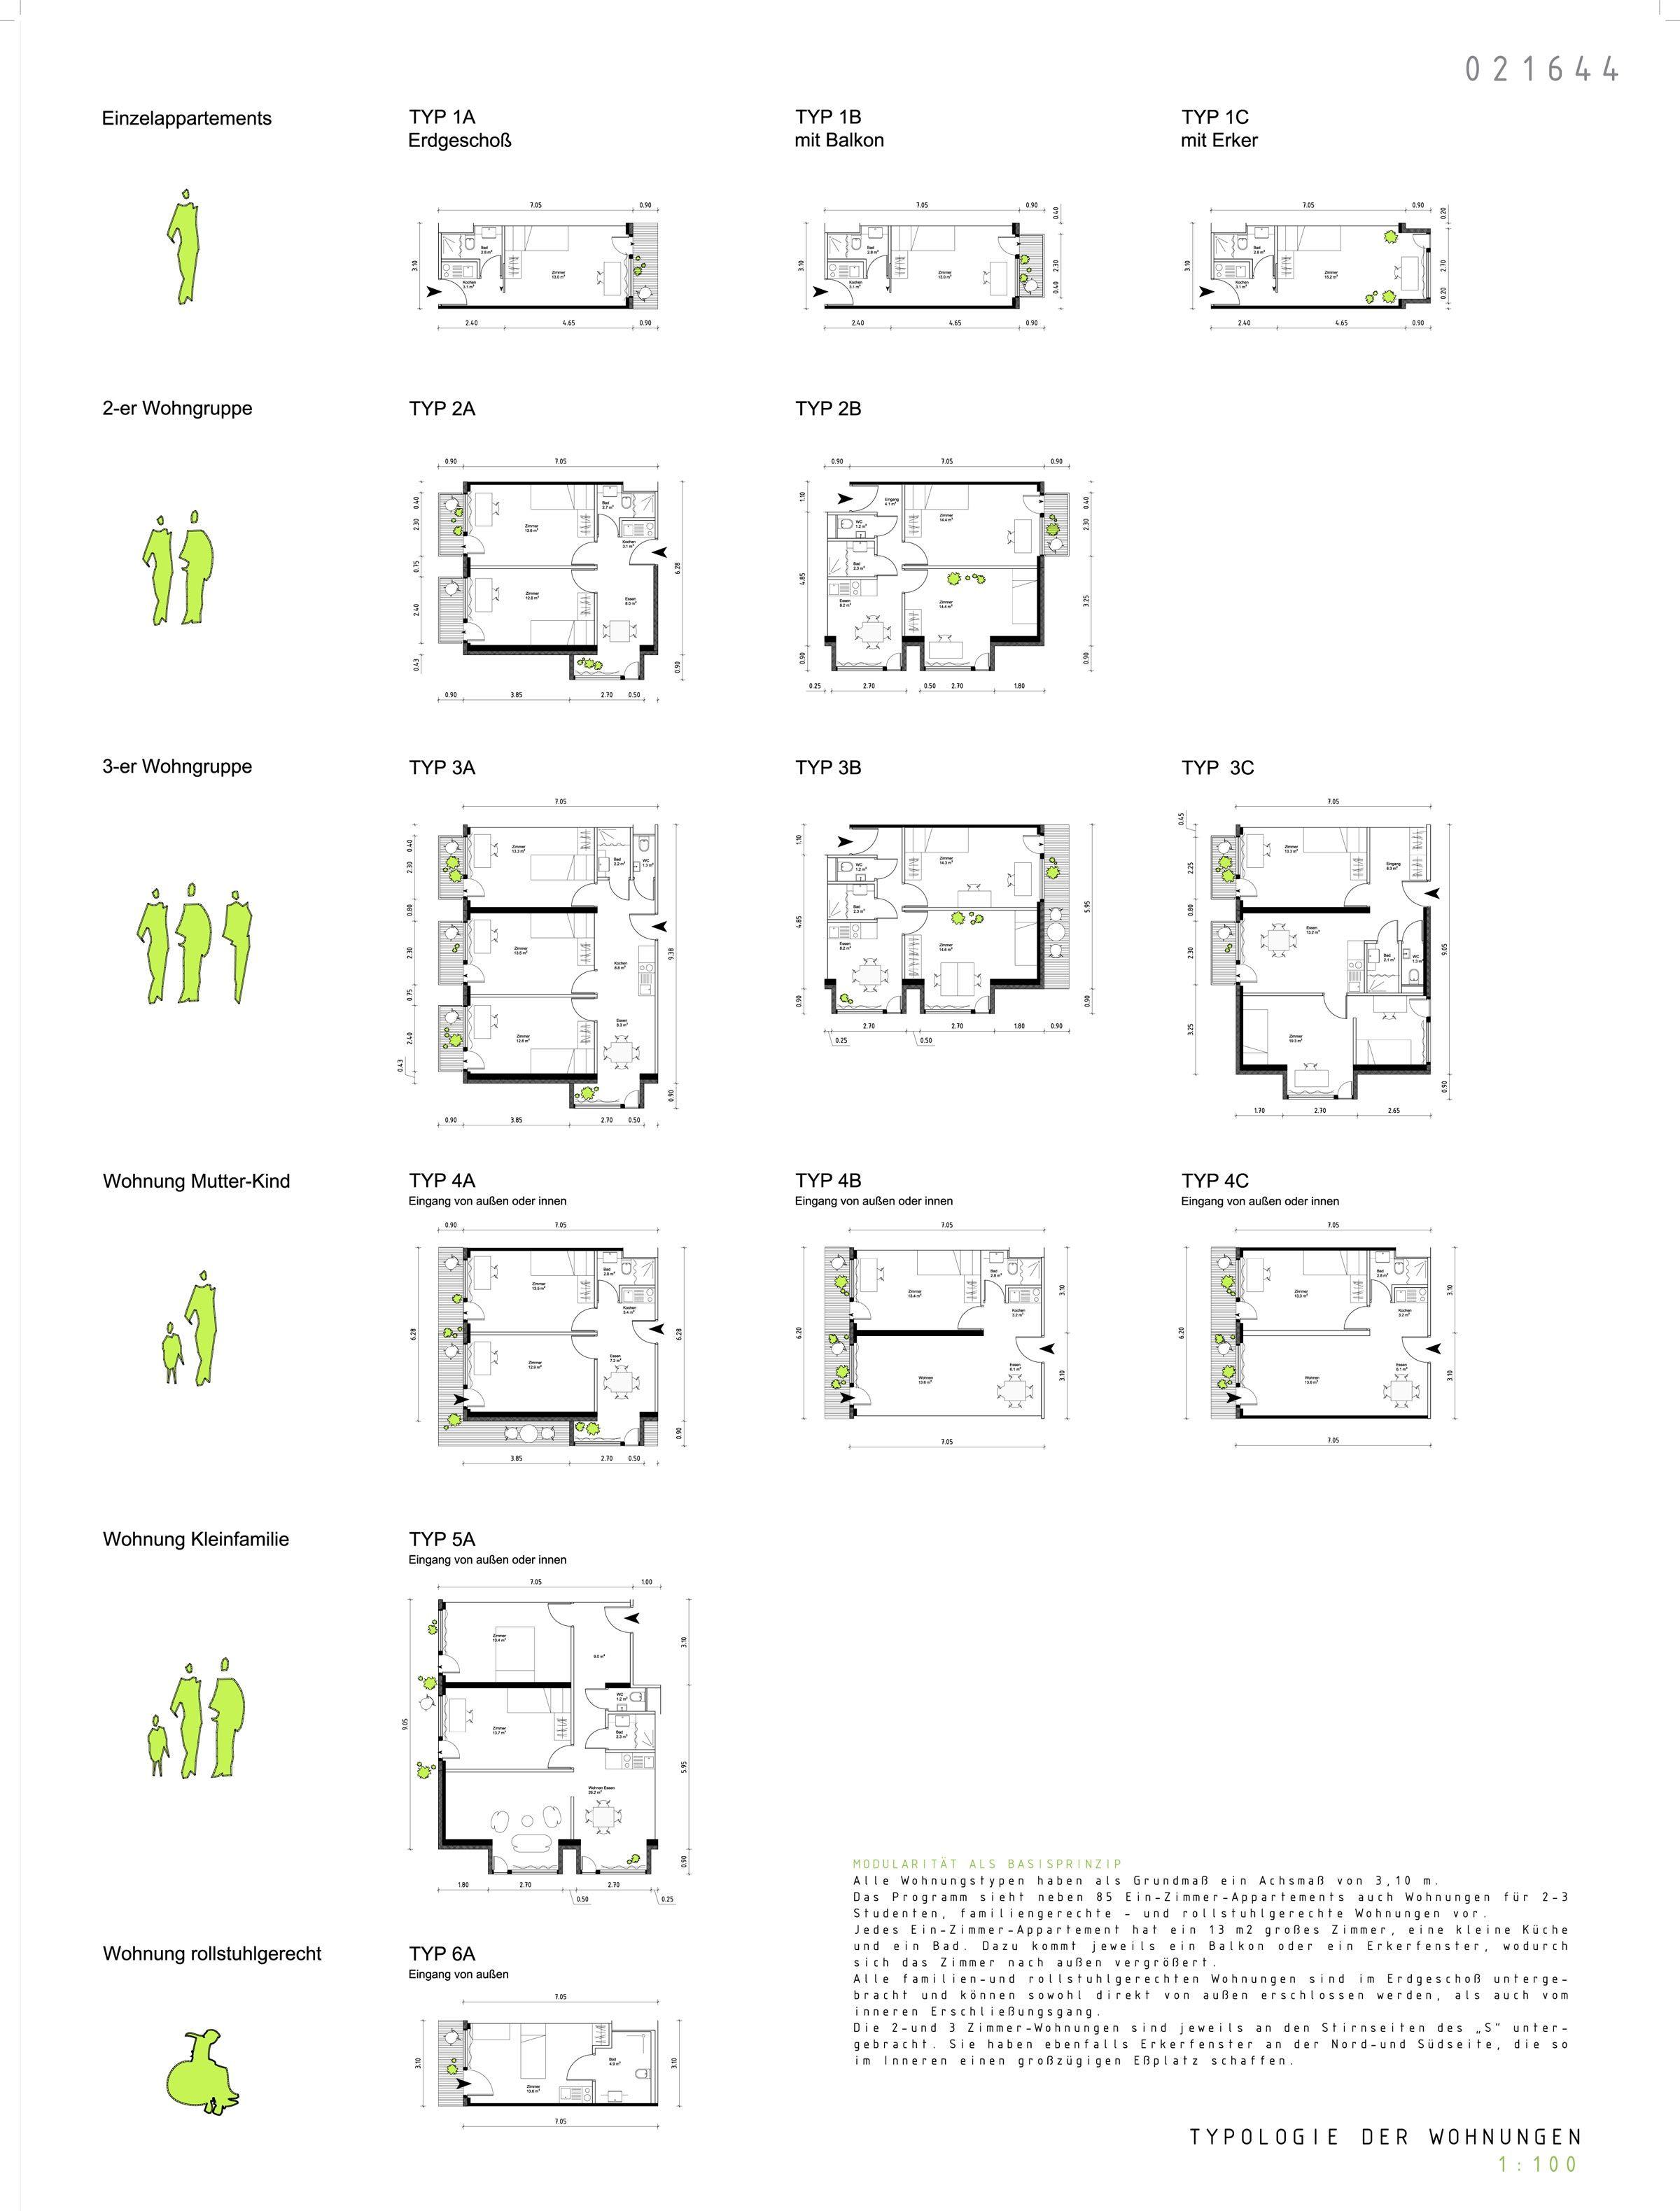 7 Studentenwohnheim Wuerzburg Typologien